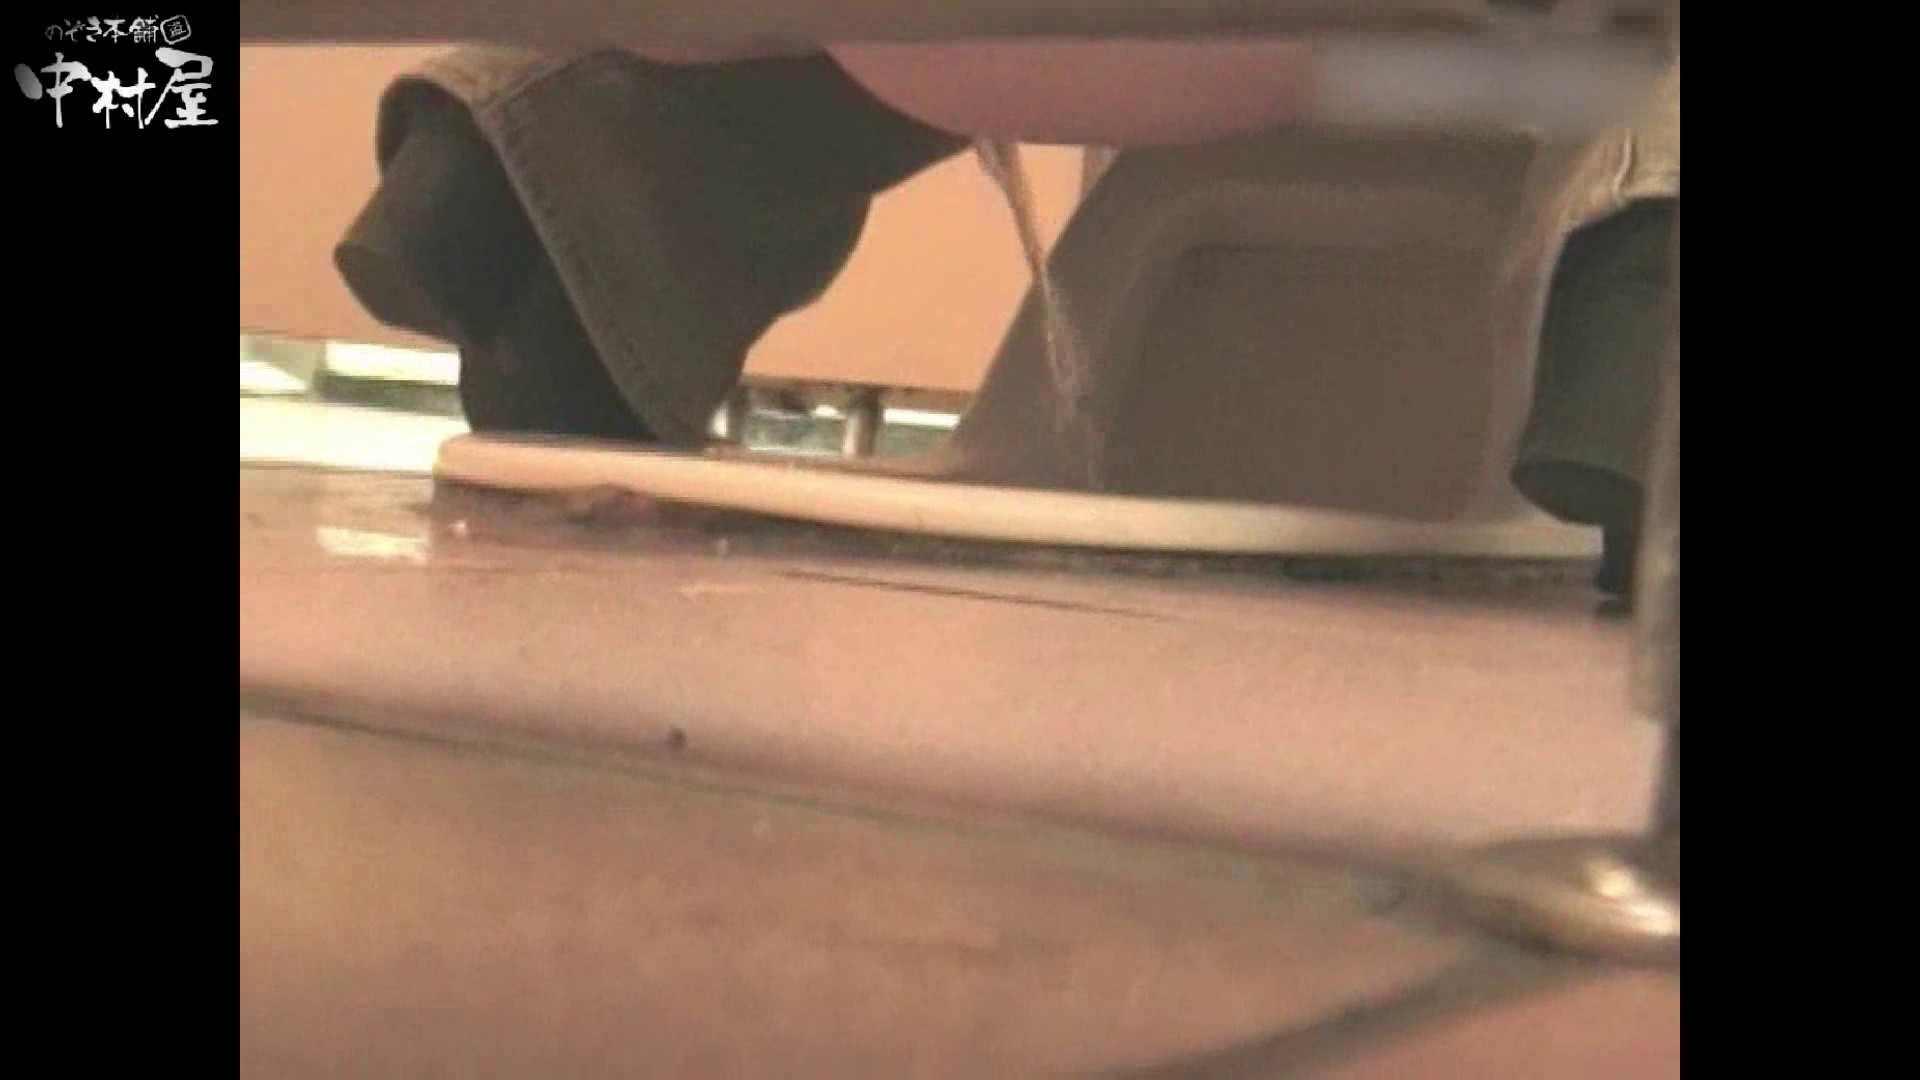 岩手県在住盗撮師盗撮記録vol.09 オマンコ特集 ワレメ動画紹介 110pic 50